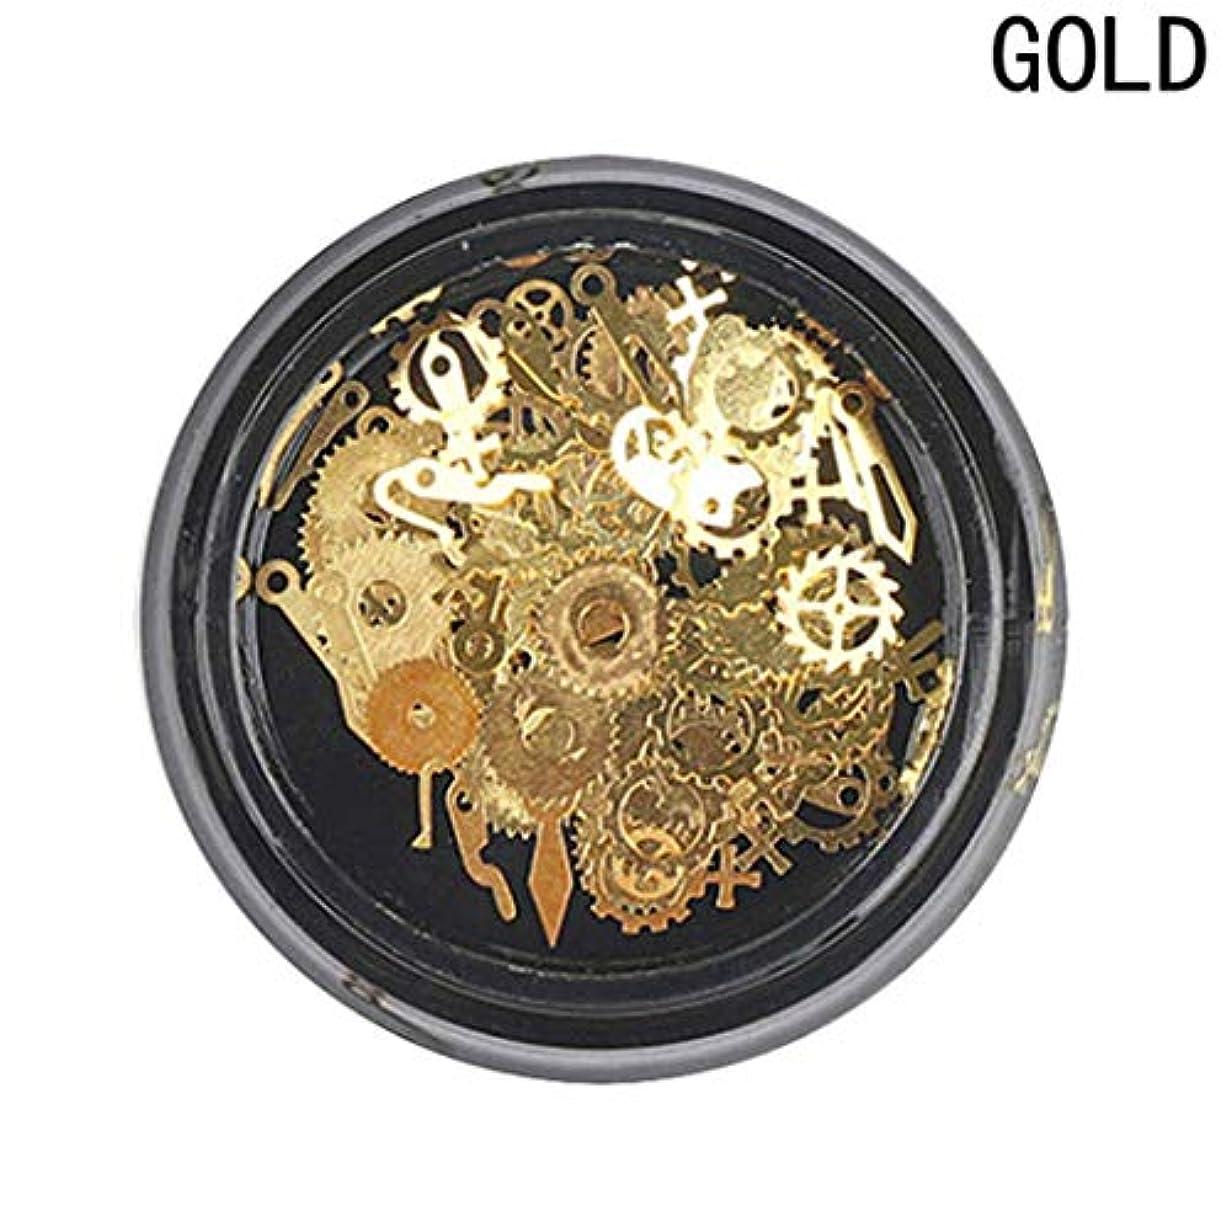 辞書対処するヘッジWadachikis ベストセラーファッションユニークな合金蒸気パンクギアネイルアート装飾金属スタイルの創造的な女性の爪DIYアクセサリー1ボックス(None golden)